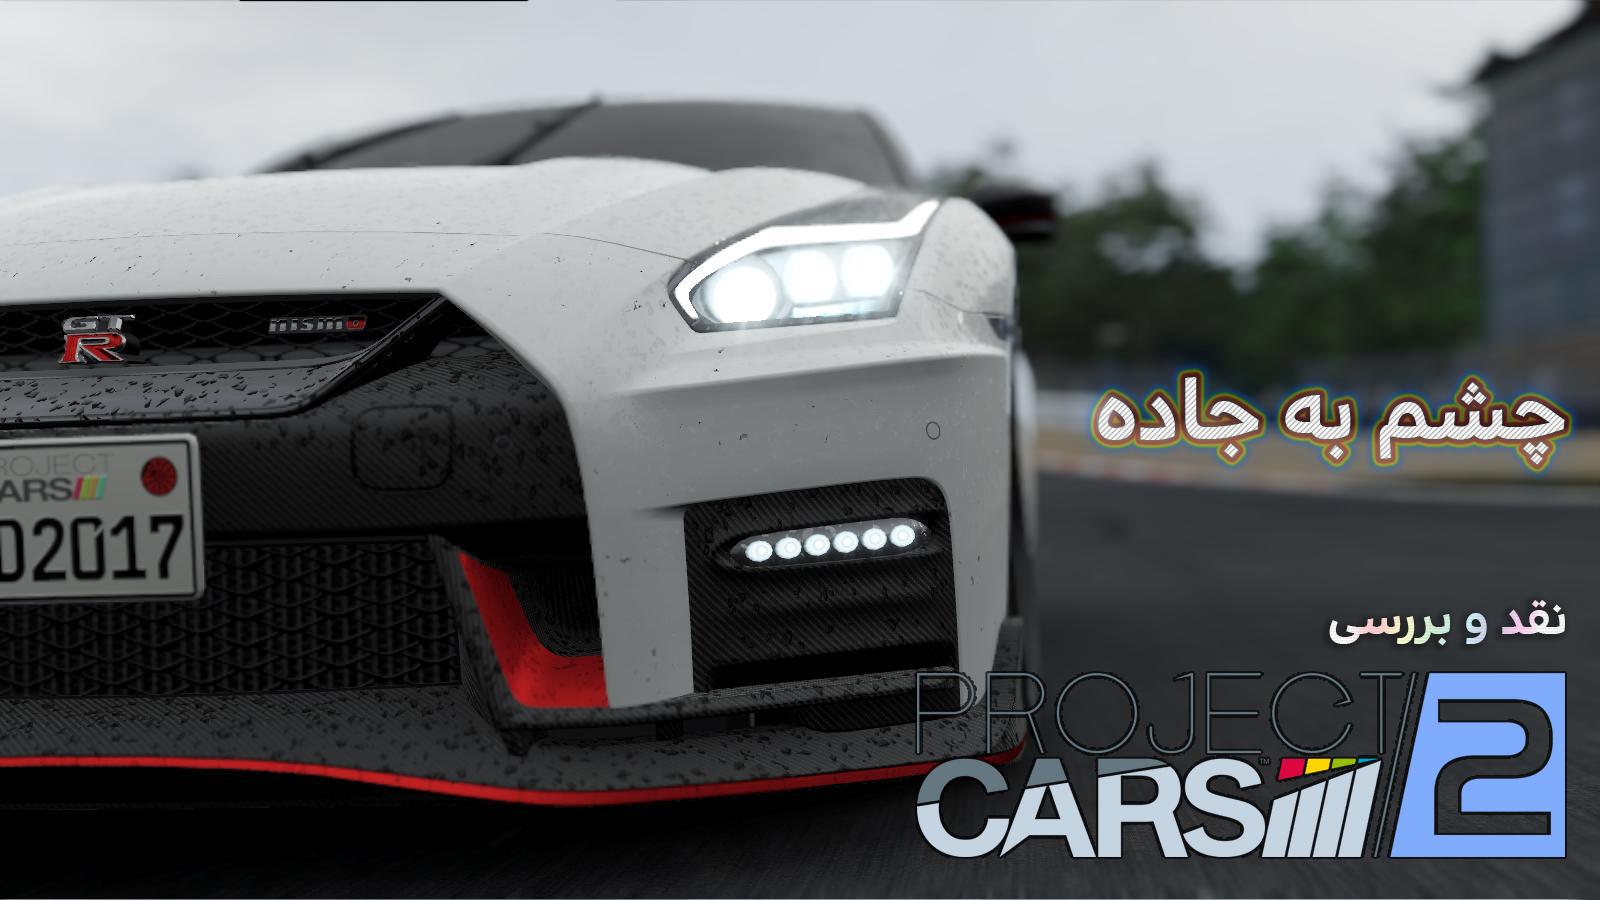 بررسی: چشم به جاده ؛ پیش به سوی Project cars2